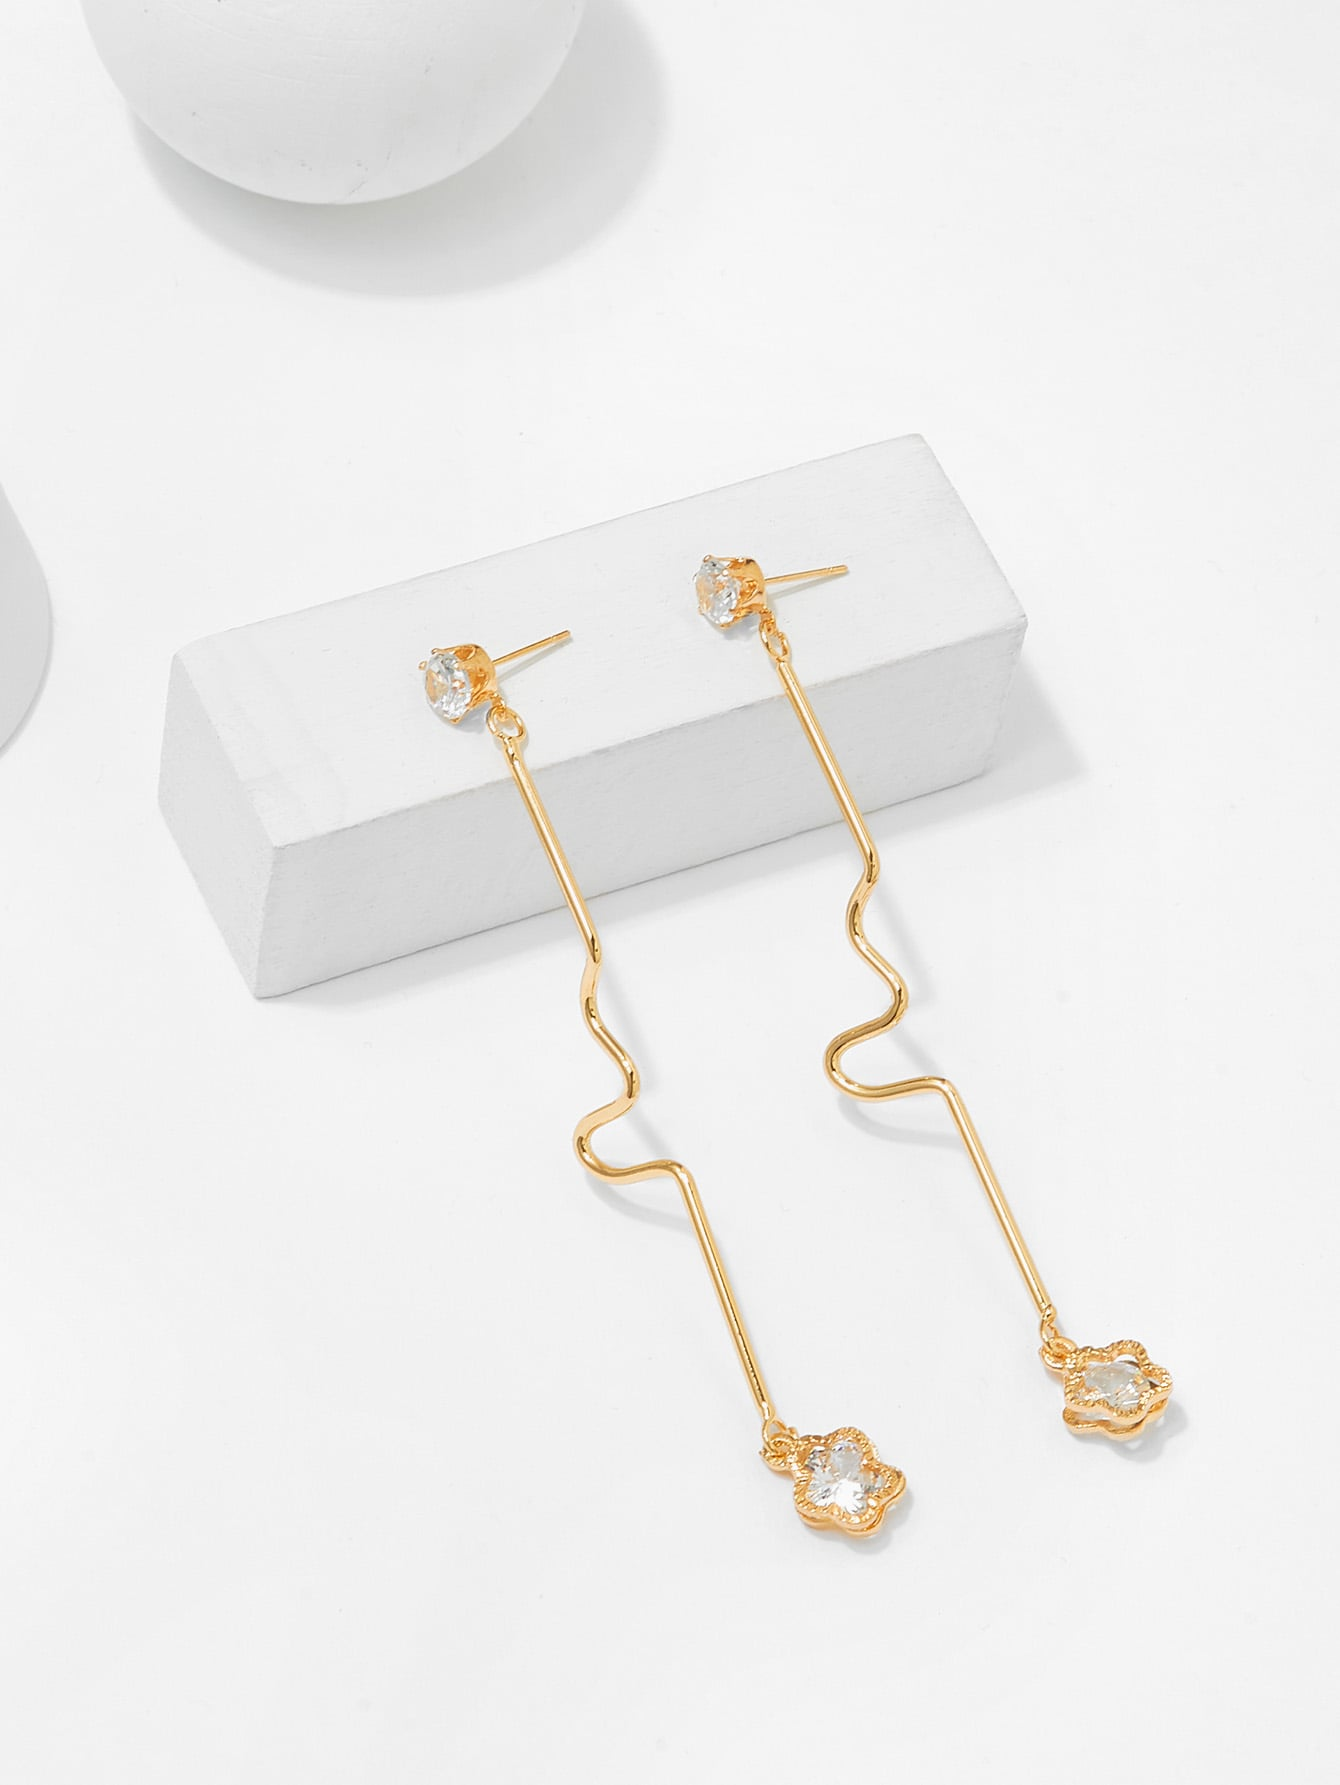 Irregular Bar Design Drop Earrings silver plated bar dangle drop earrings